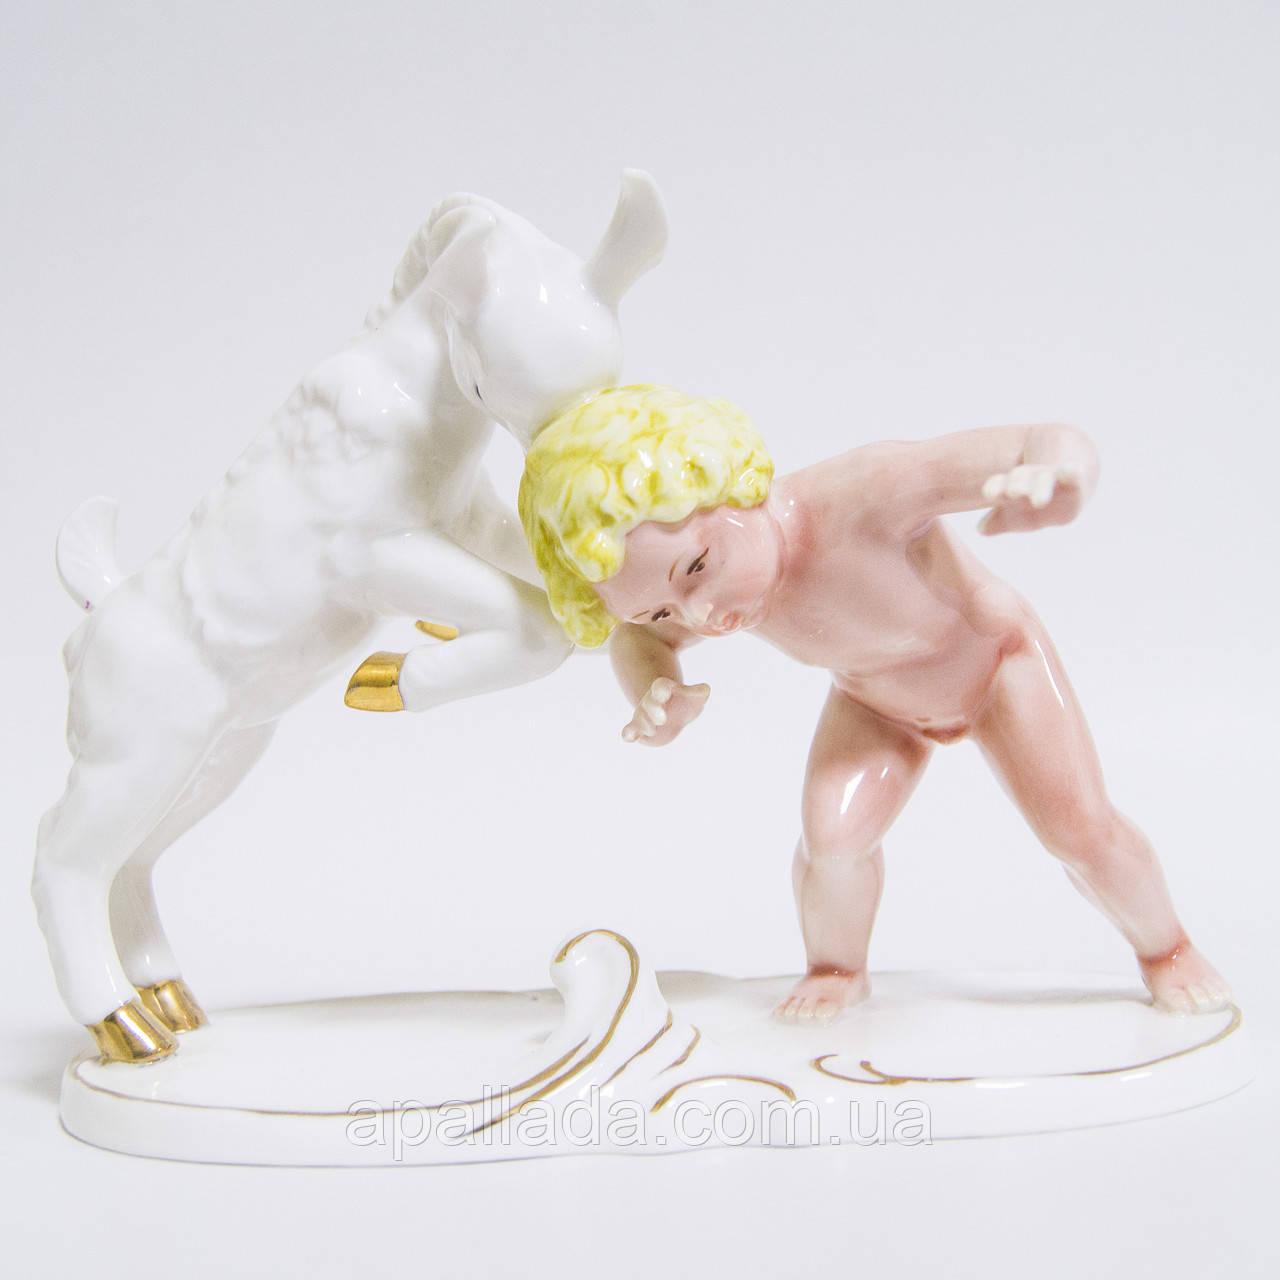 Статуетка Хлопчик з козликом